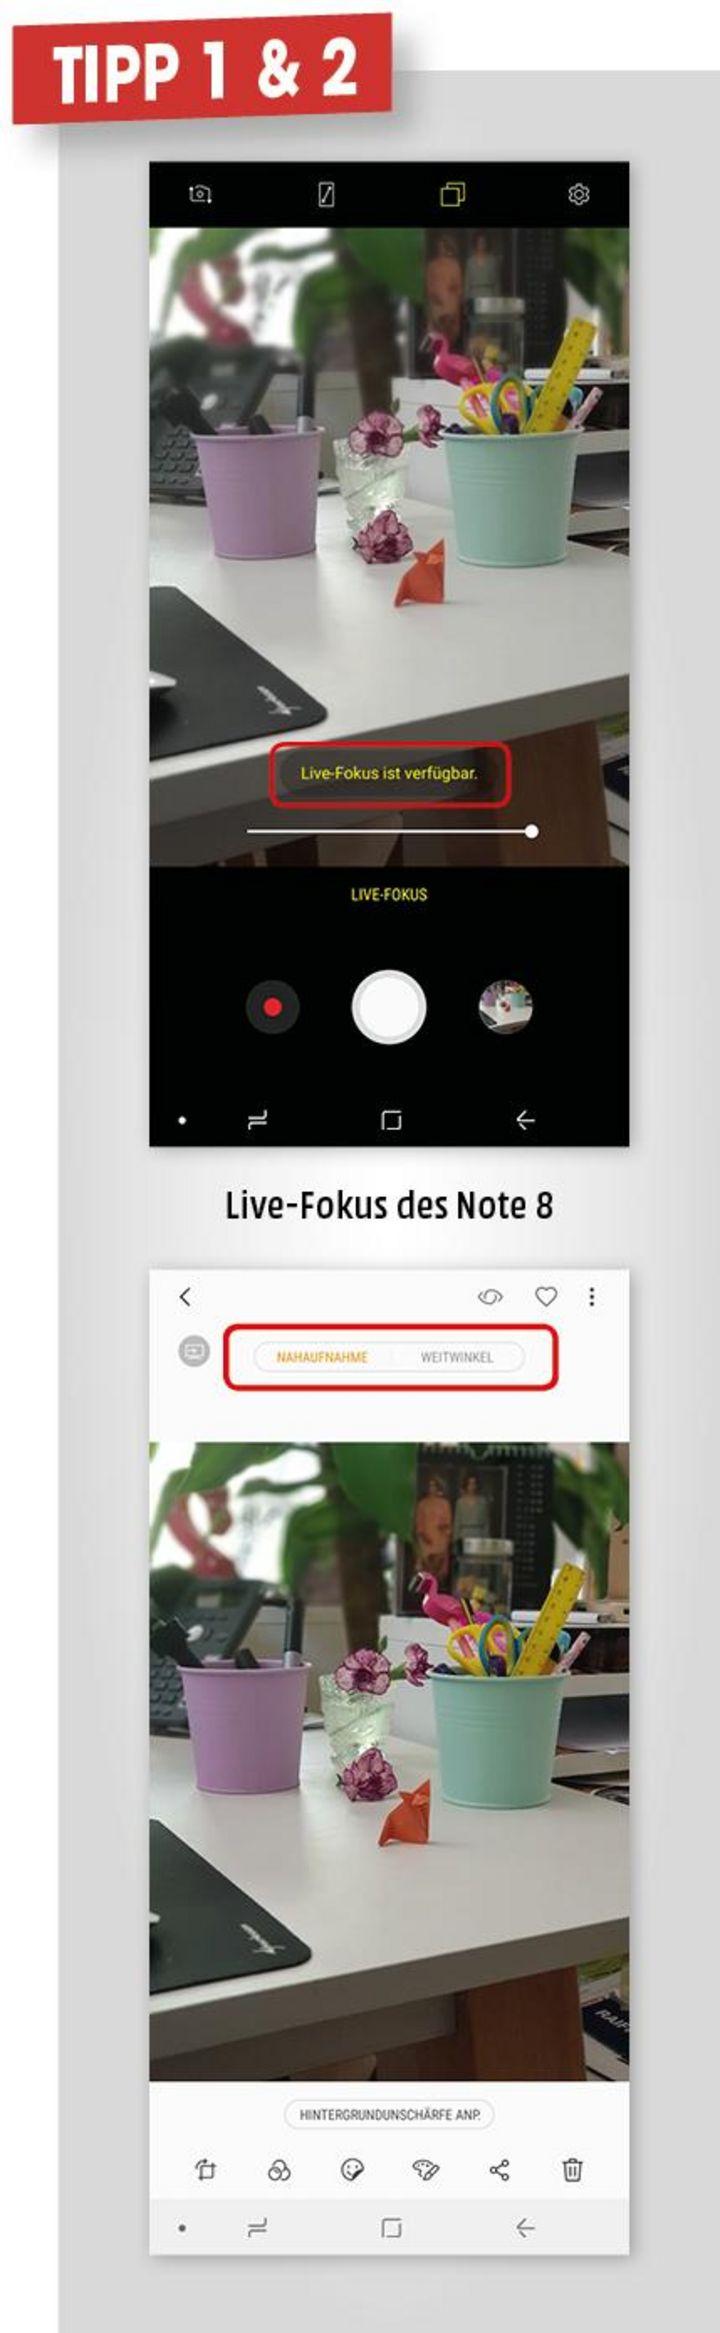 1. Live-Fokus beim Fotografieren